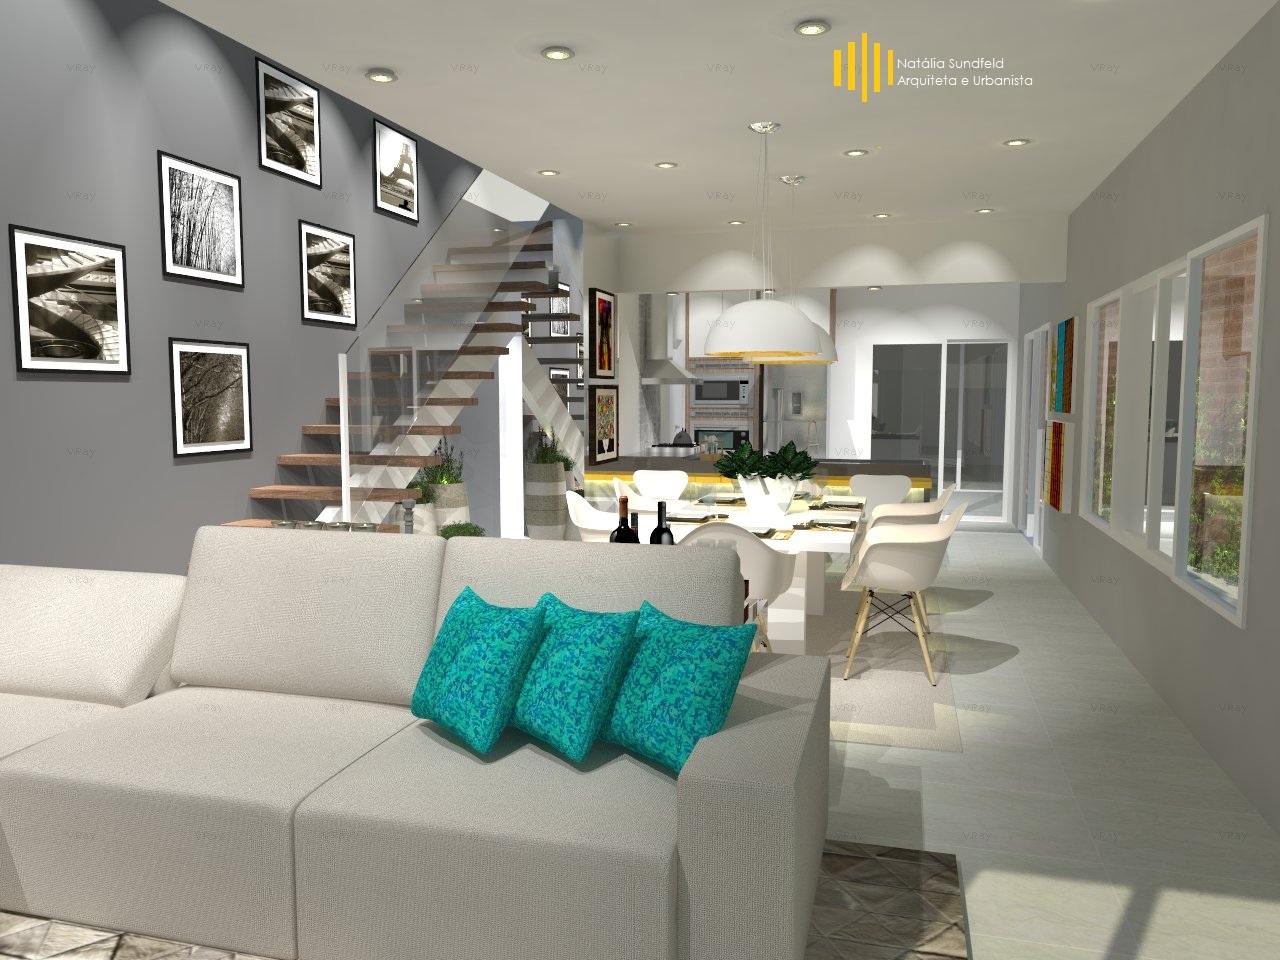 #118584 Natália Sundfeld Arquitetura 1280x960 px Projetos De Cozinhas Conjugadas Com Sala De Jantar_5647 Imagens